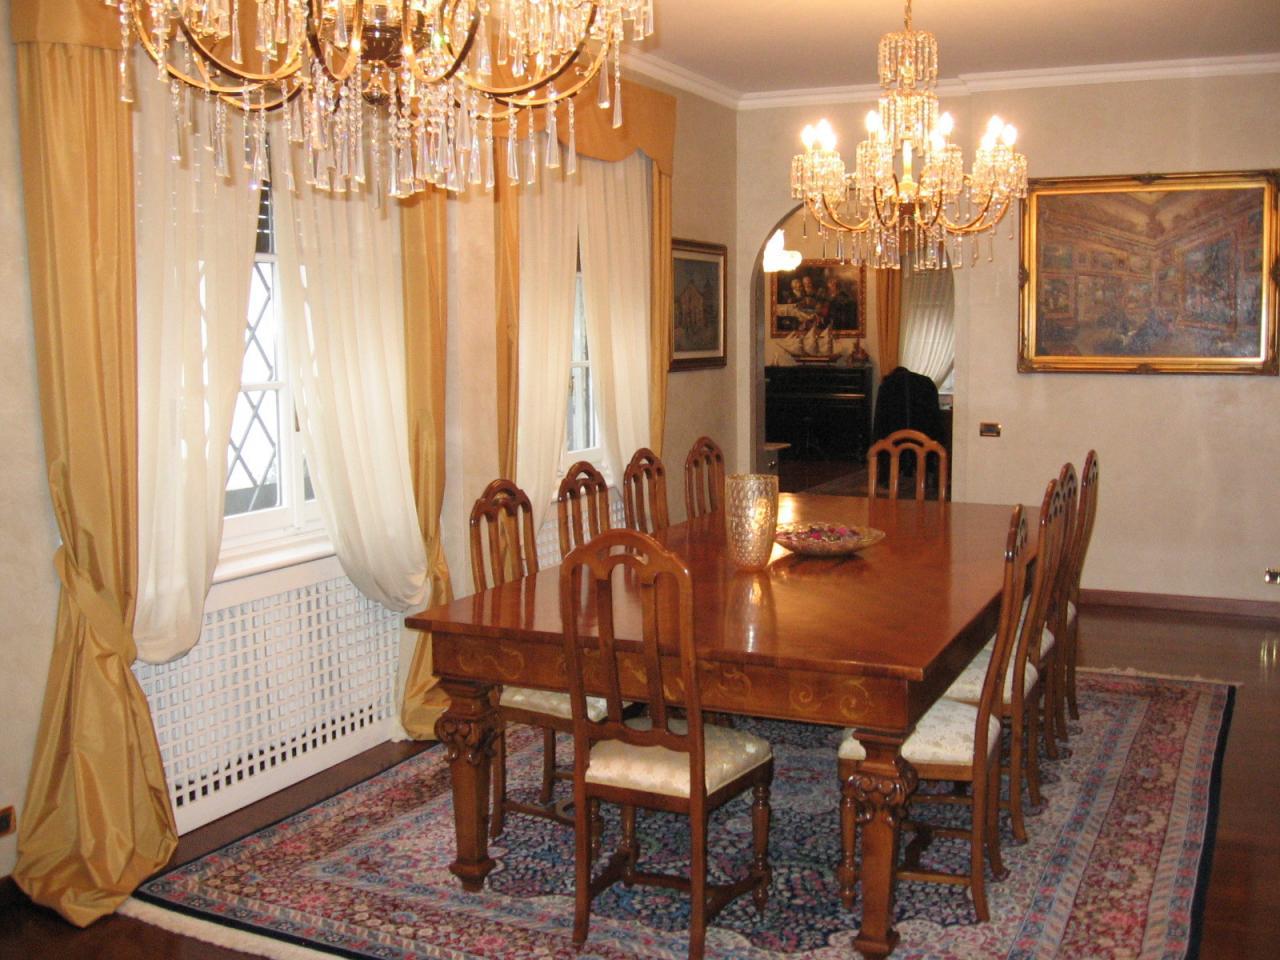 Villa in vendita a Trezzano sul Naviglio, 7 locali, zona Località: Zingone, prezzo € 1.150.000 | CambioCasa.it